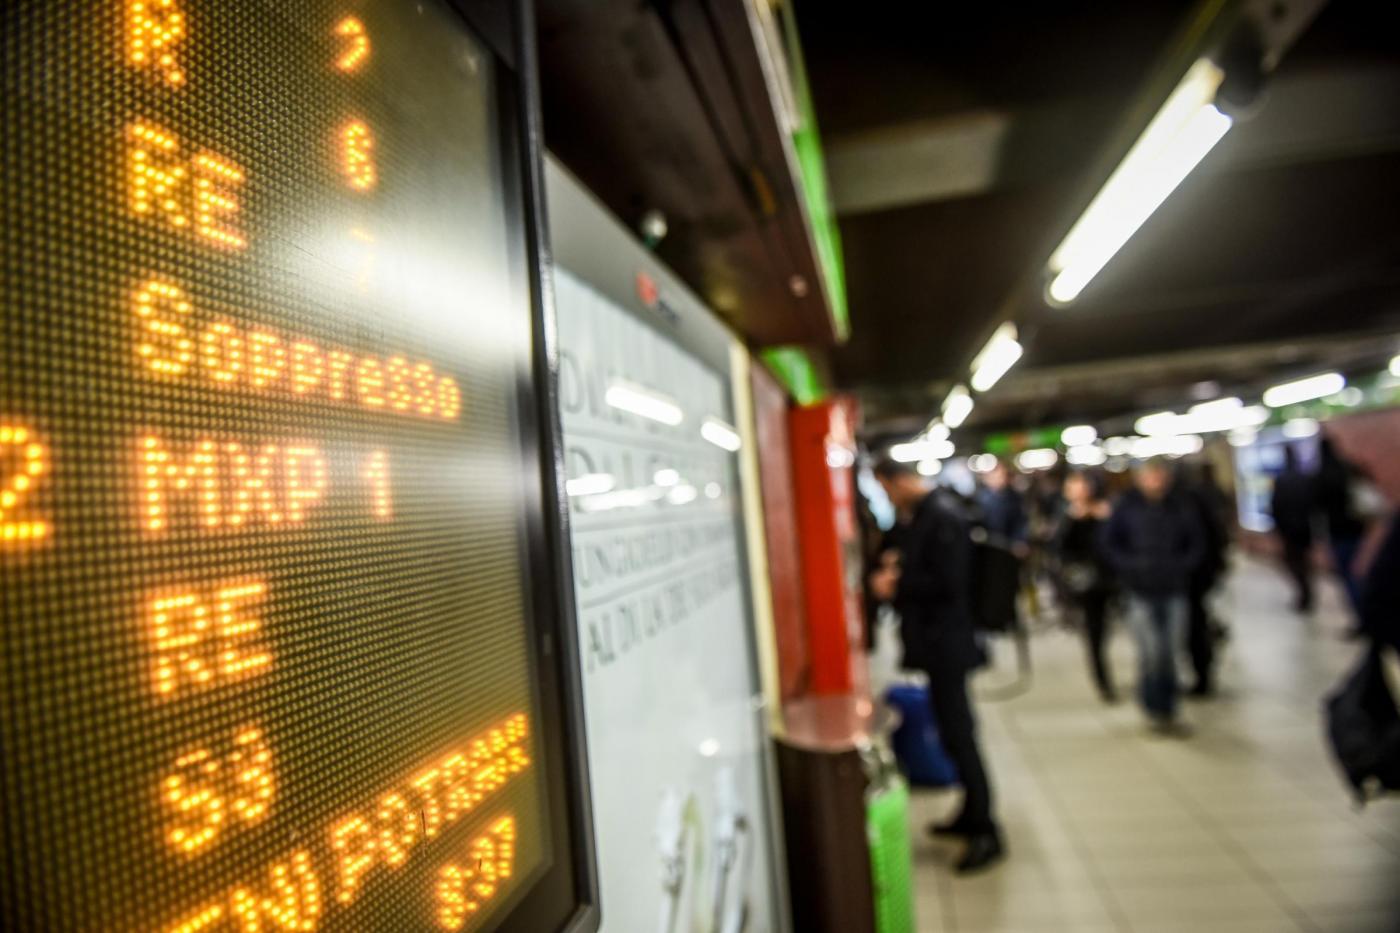 Sciopero 20 luglio 2017 bus, metro e tram: aggiornamenti dello stop dei mezzi pubblici